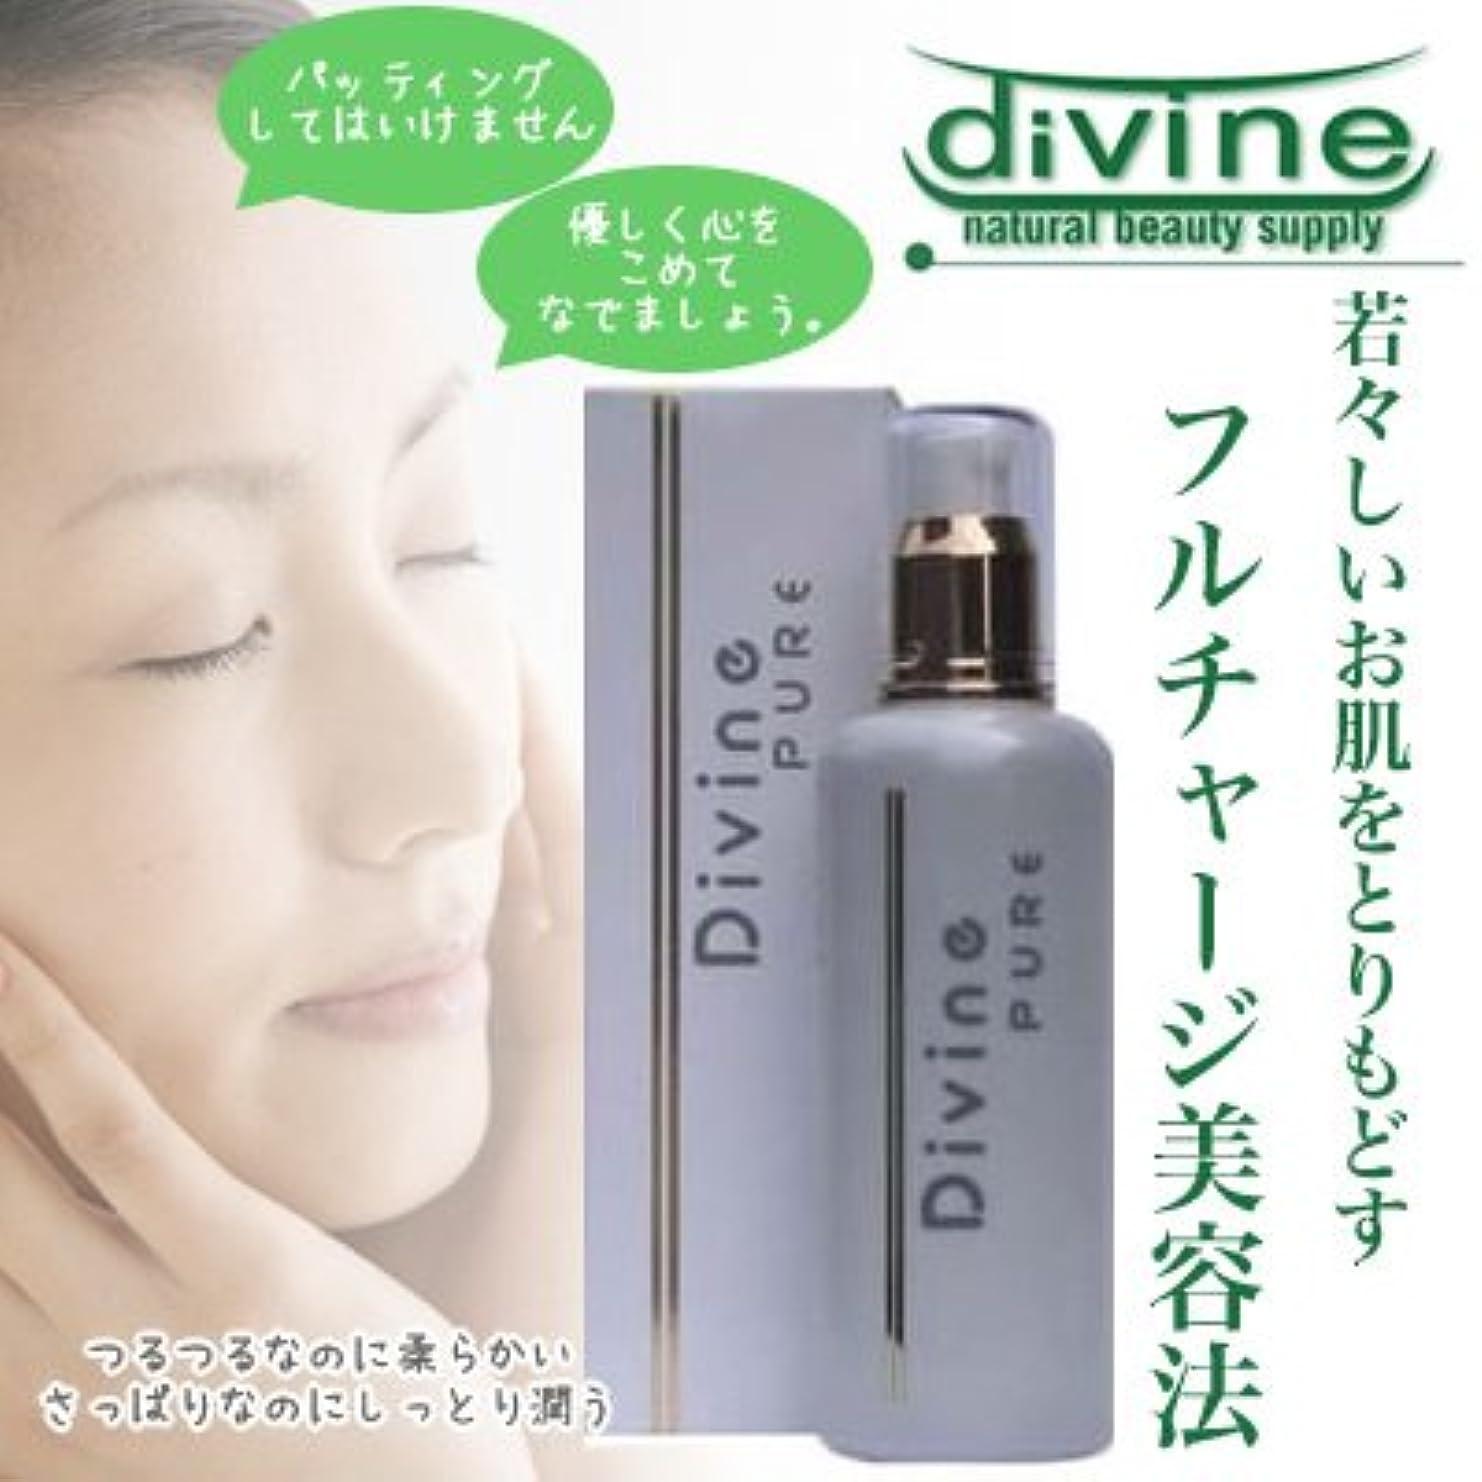 シロクマ丁寧写真を描くディバイン「ピュア」 潤肌化粧水 200ml